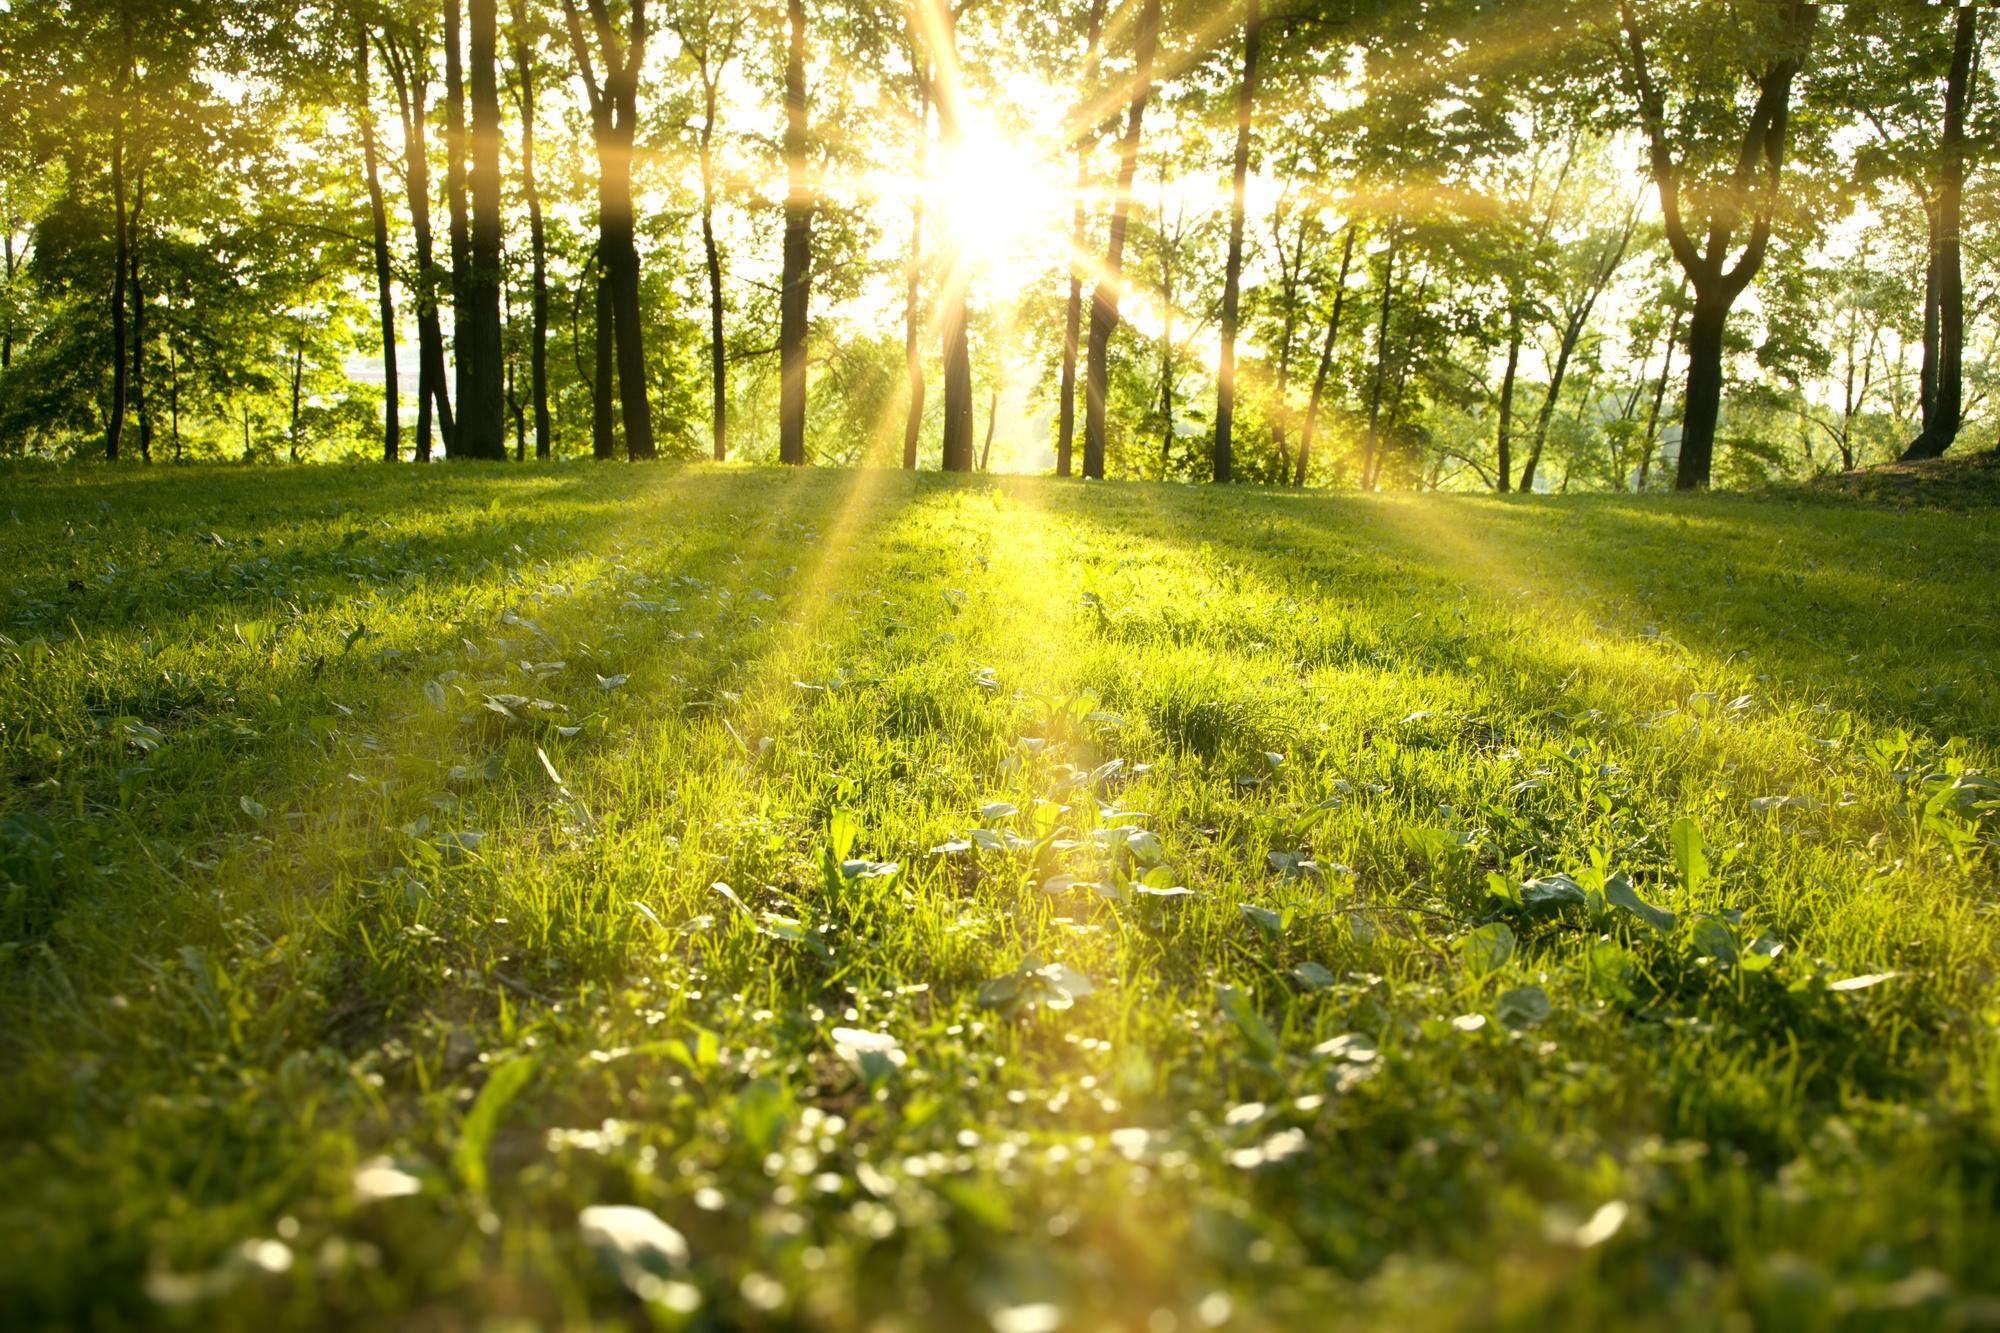 Il Parco Novaro di Costarainera e il suo restyling come area verde dedicata al benessere